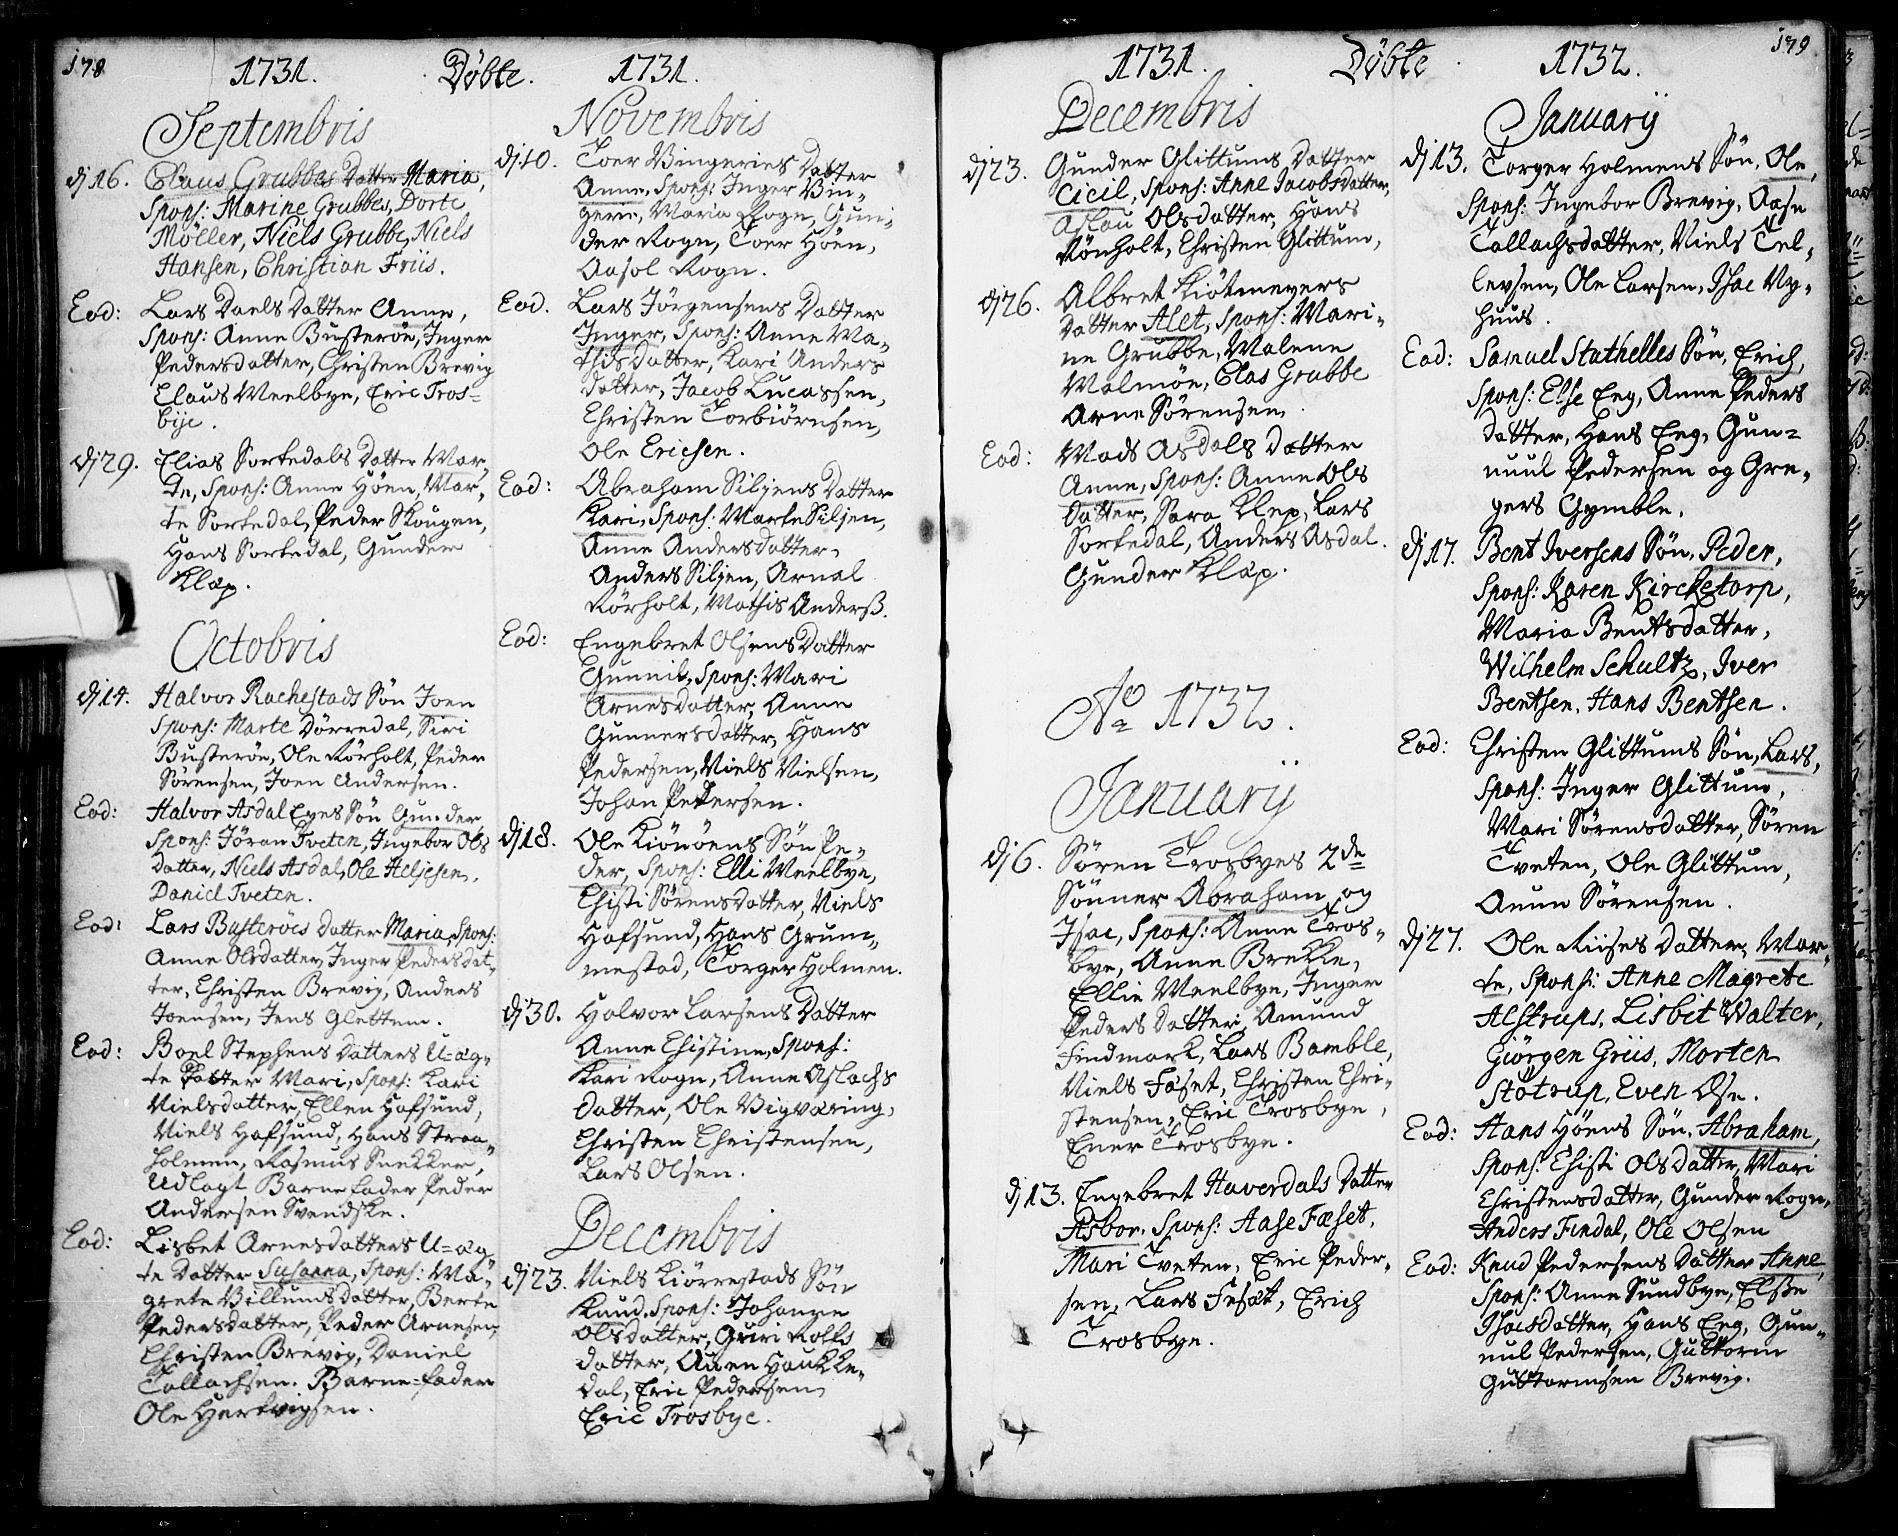 SAKO, Bamble kirkebøker, F/Fa/L0001: Parish register (official) no. I 1, 1702-1774, p. 178-179